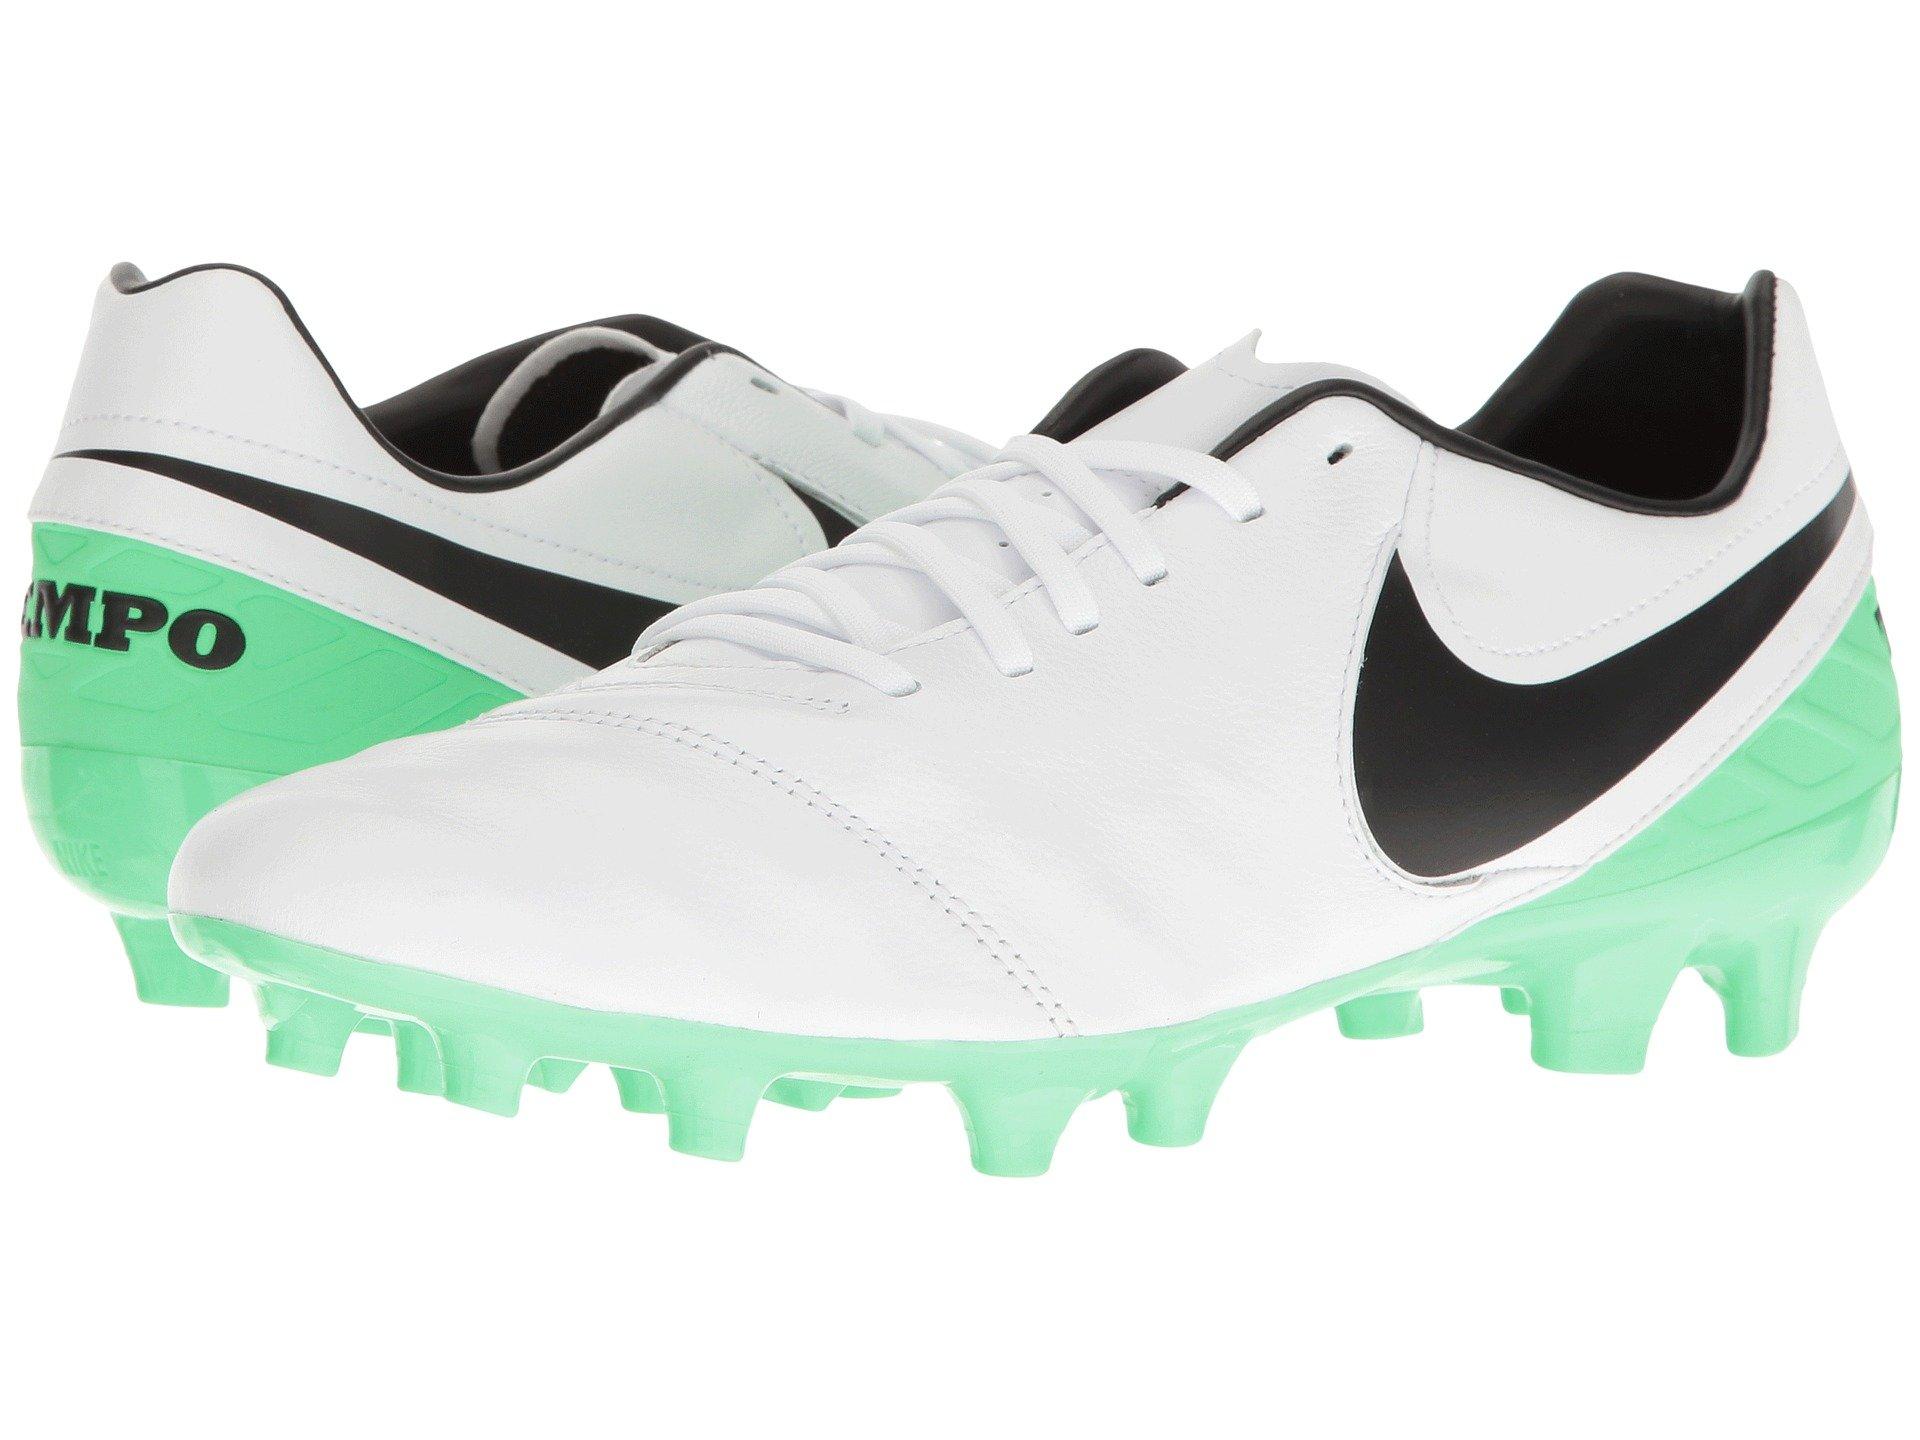 big sale 8e4b7 bca62 Nike Tiempo Mystic V Fg In White Black Electro Green